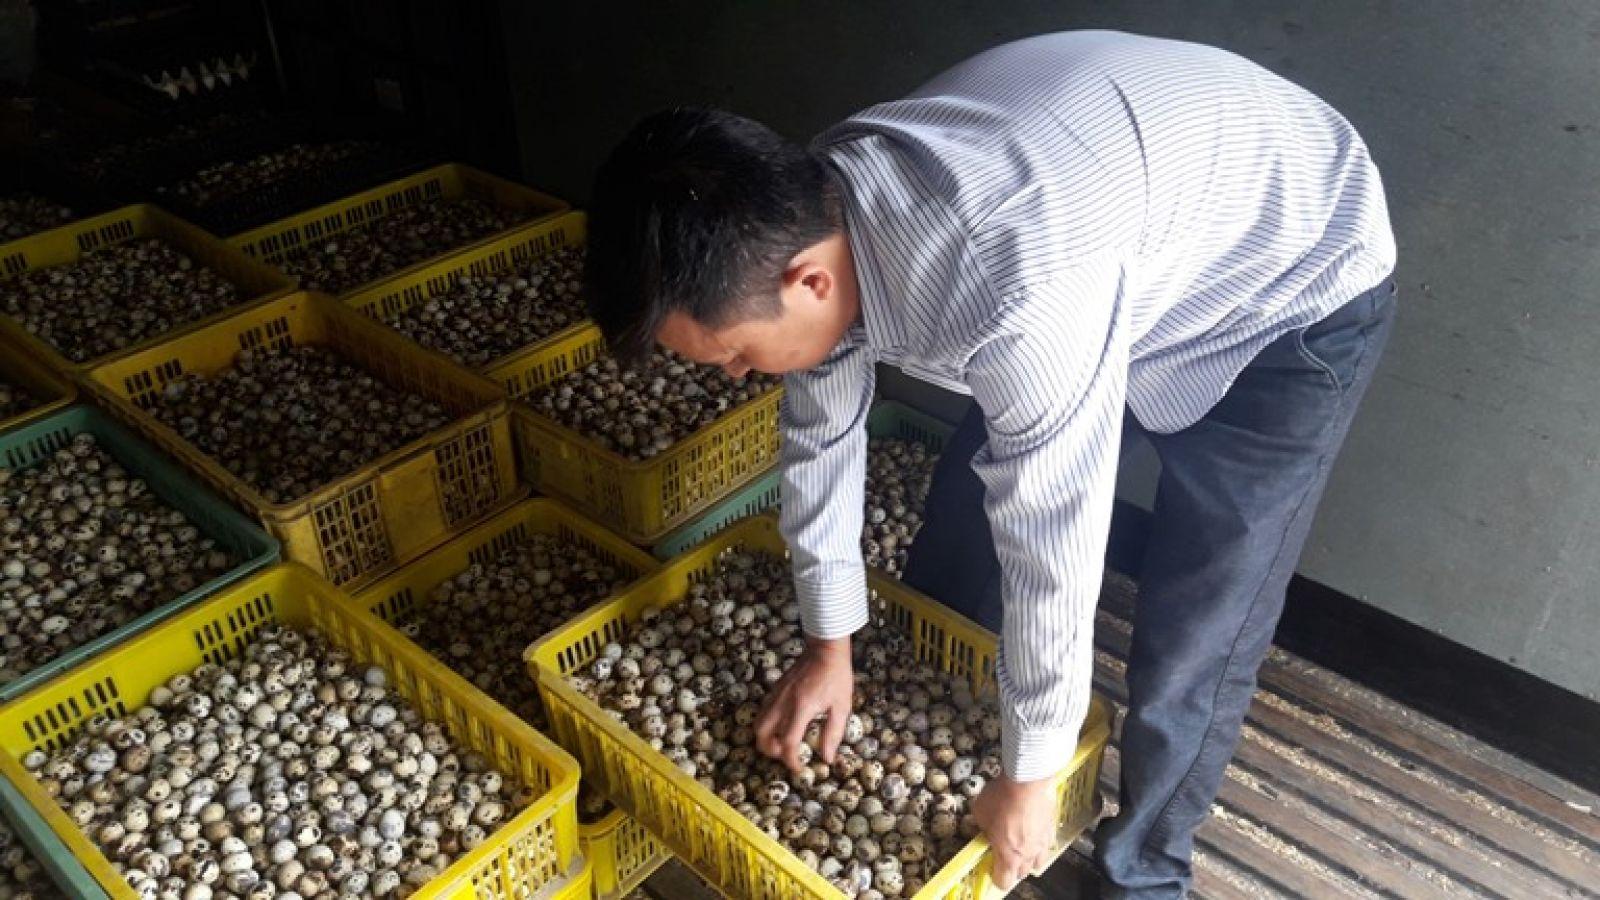 Anh Hạ Văn Nam kiểm tra trứng cút trước khi xuất bán.